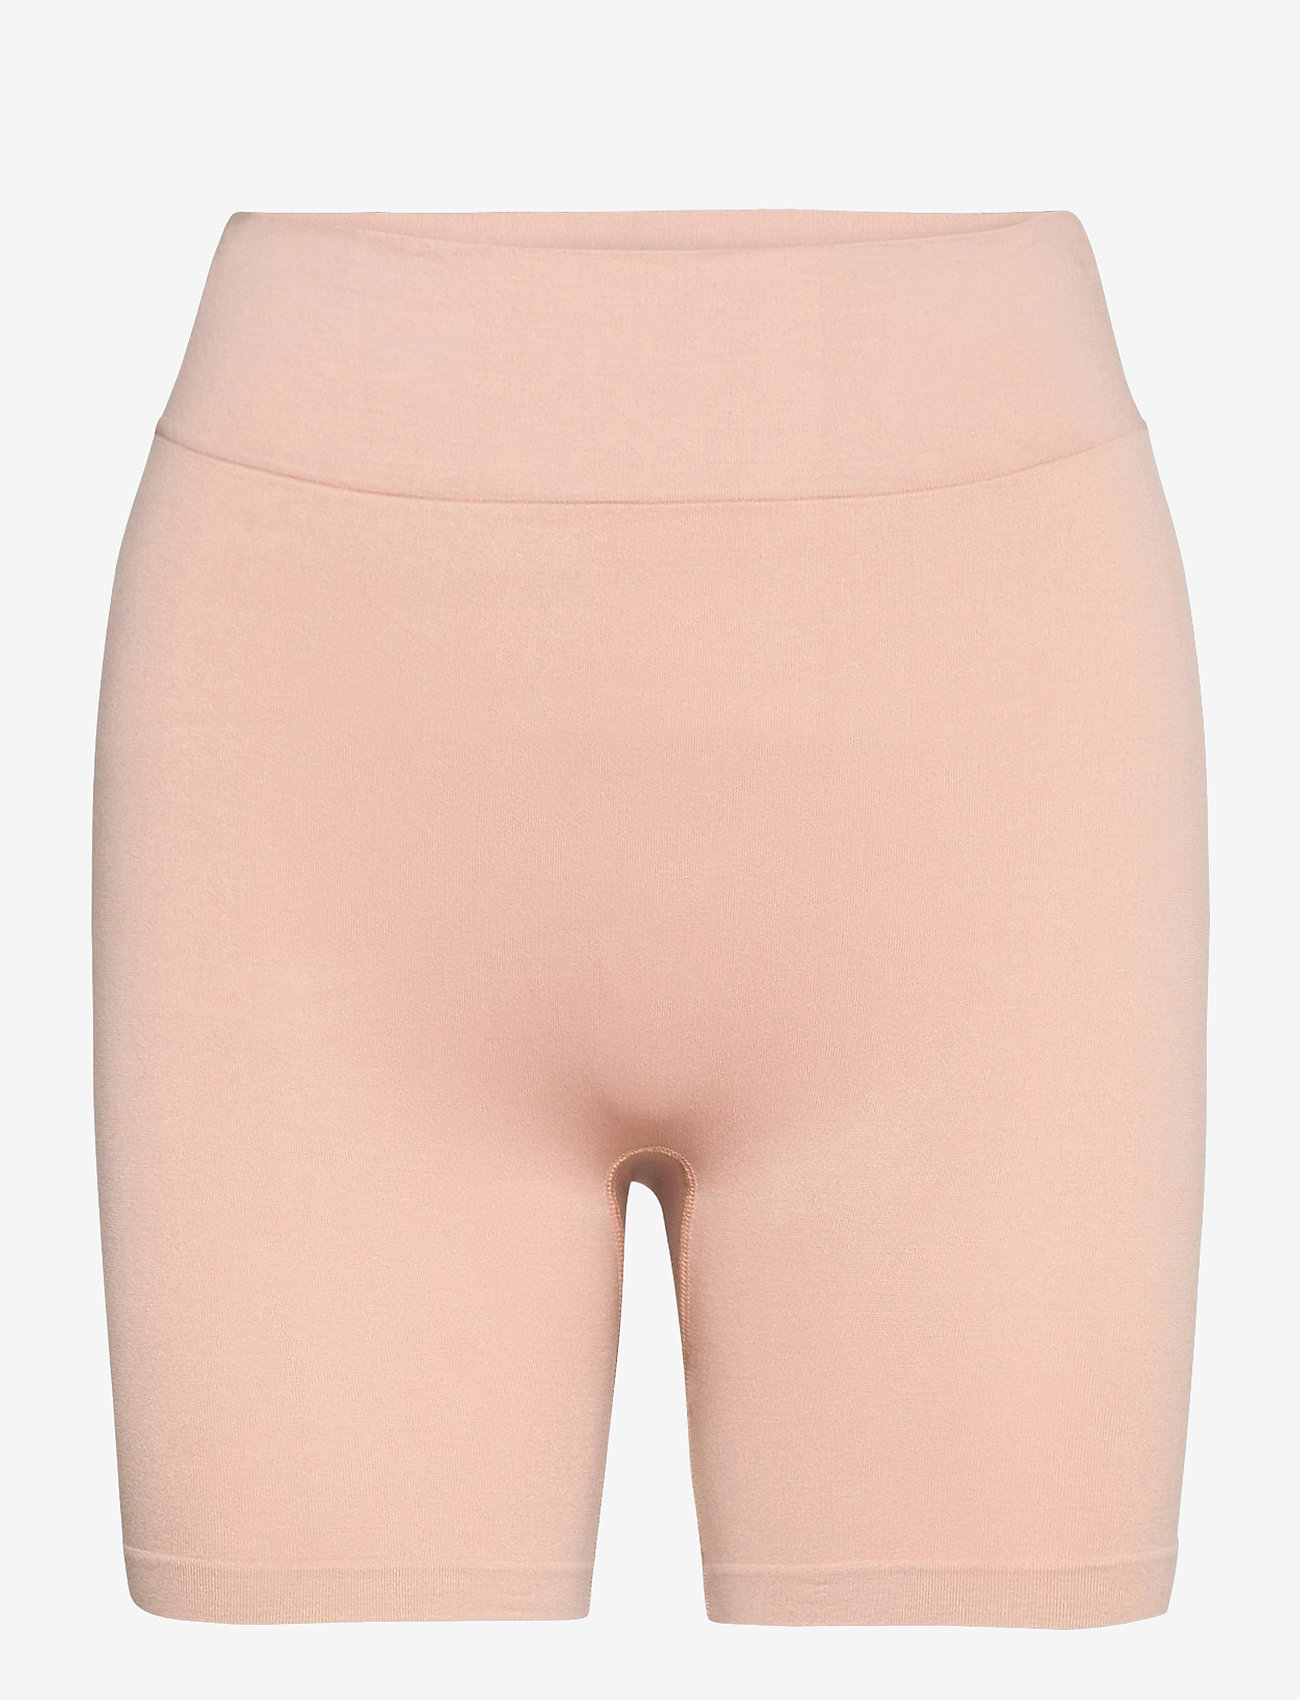 Saint Tropez - T5920, NinnaSZ Microfiber Shorts - cykelshorts - nude - 1